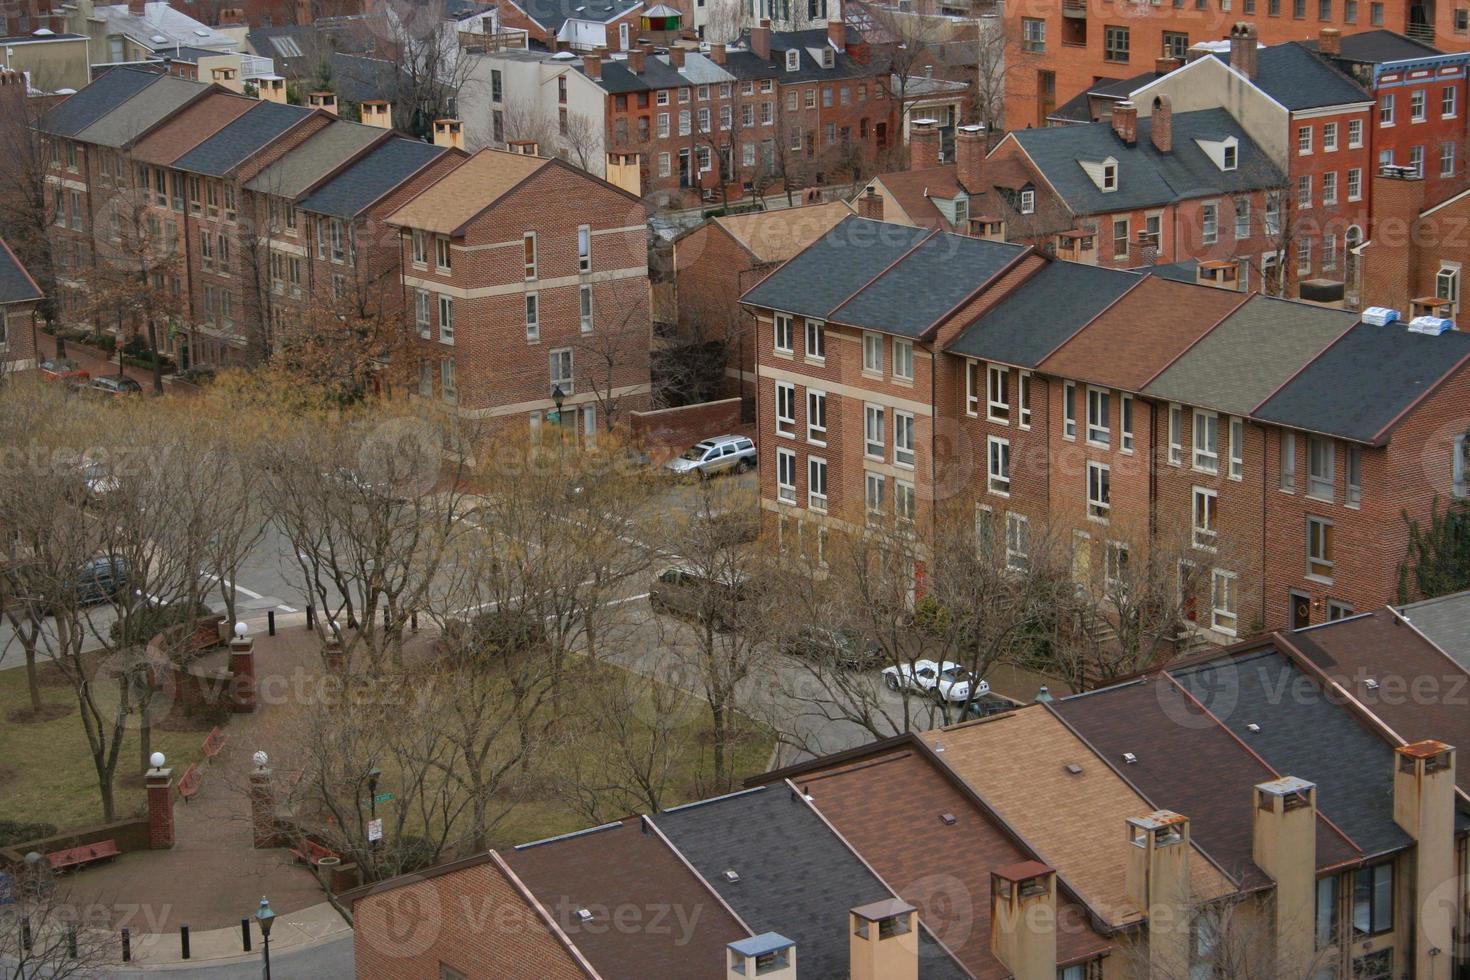 vista aérea do bairro 5 foto